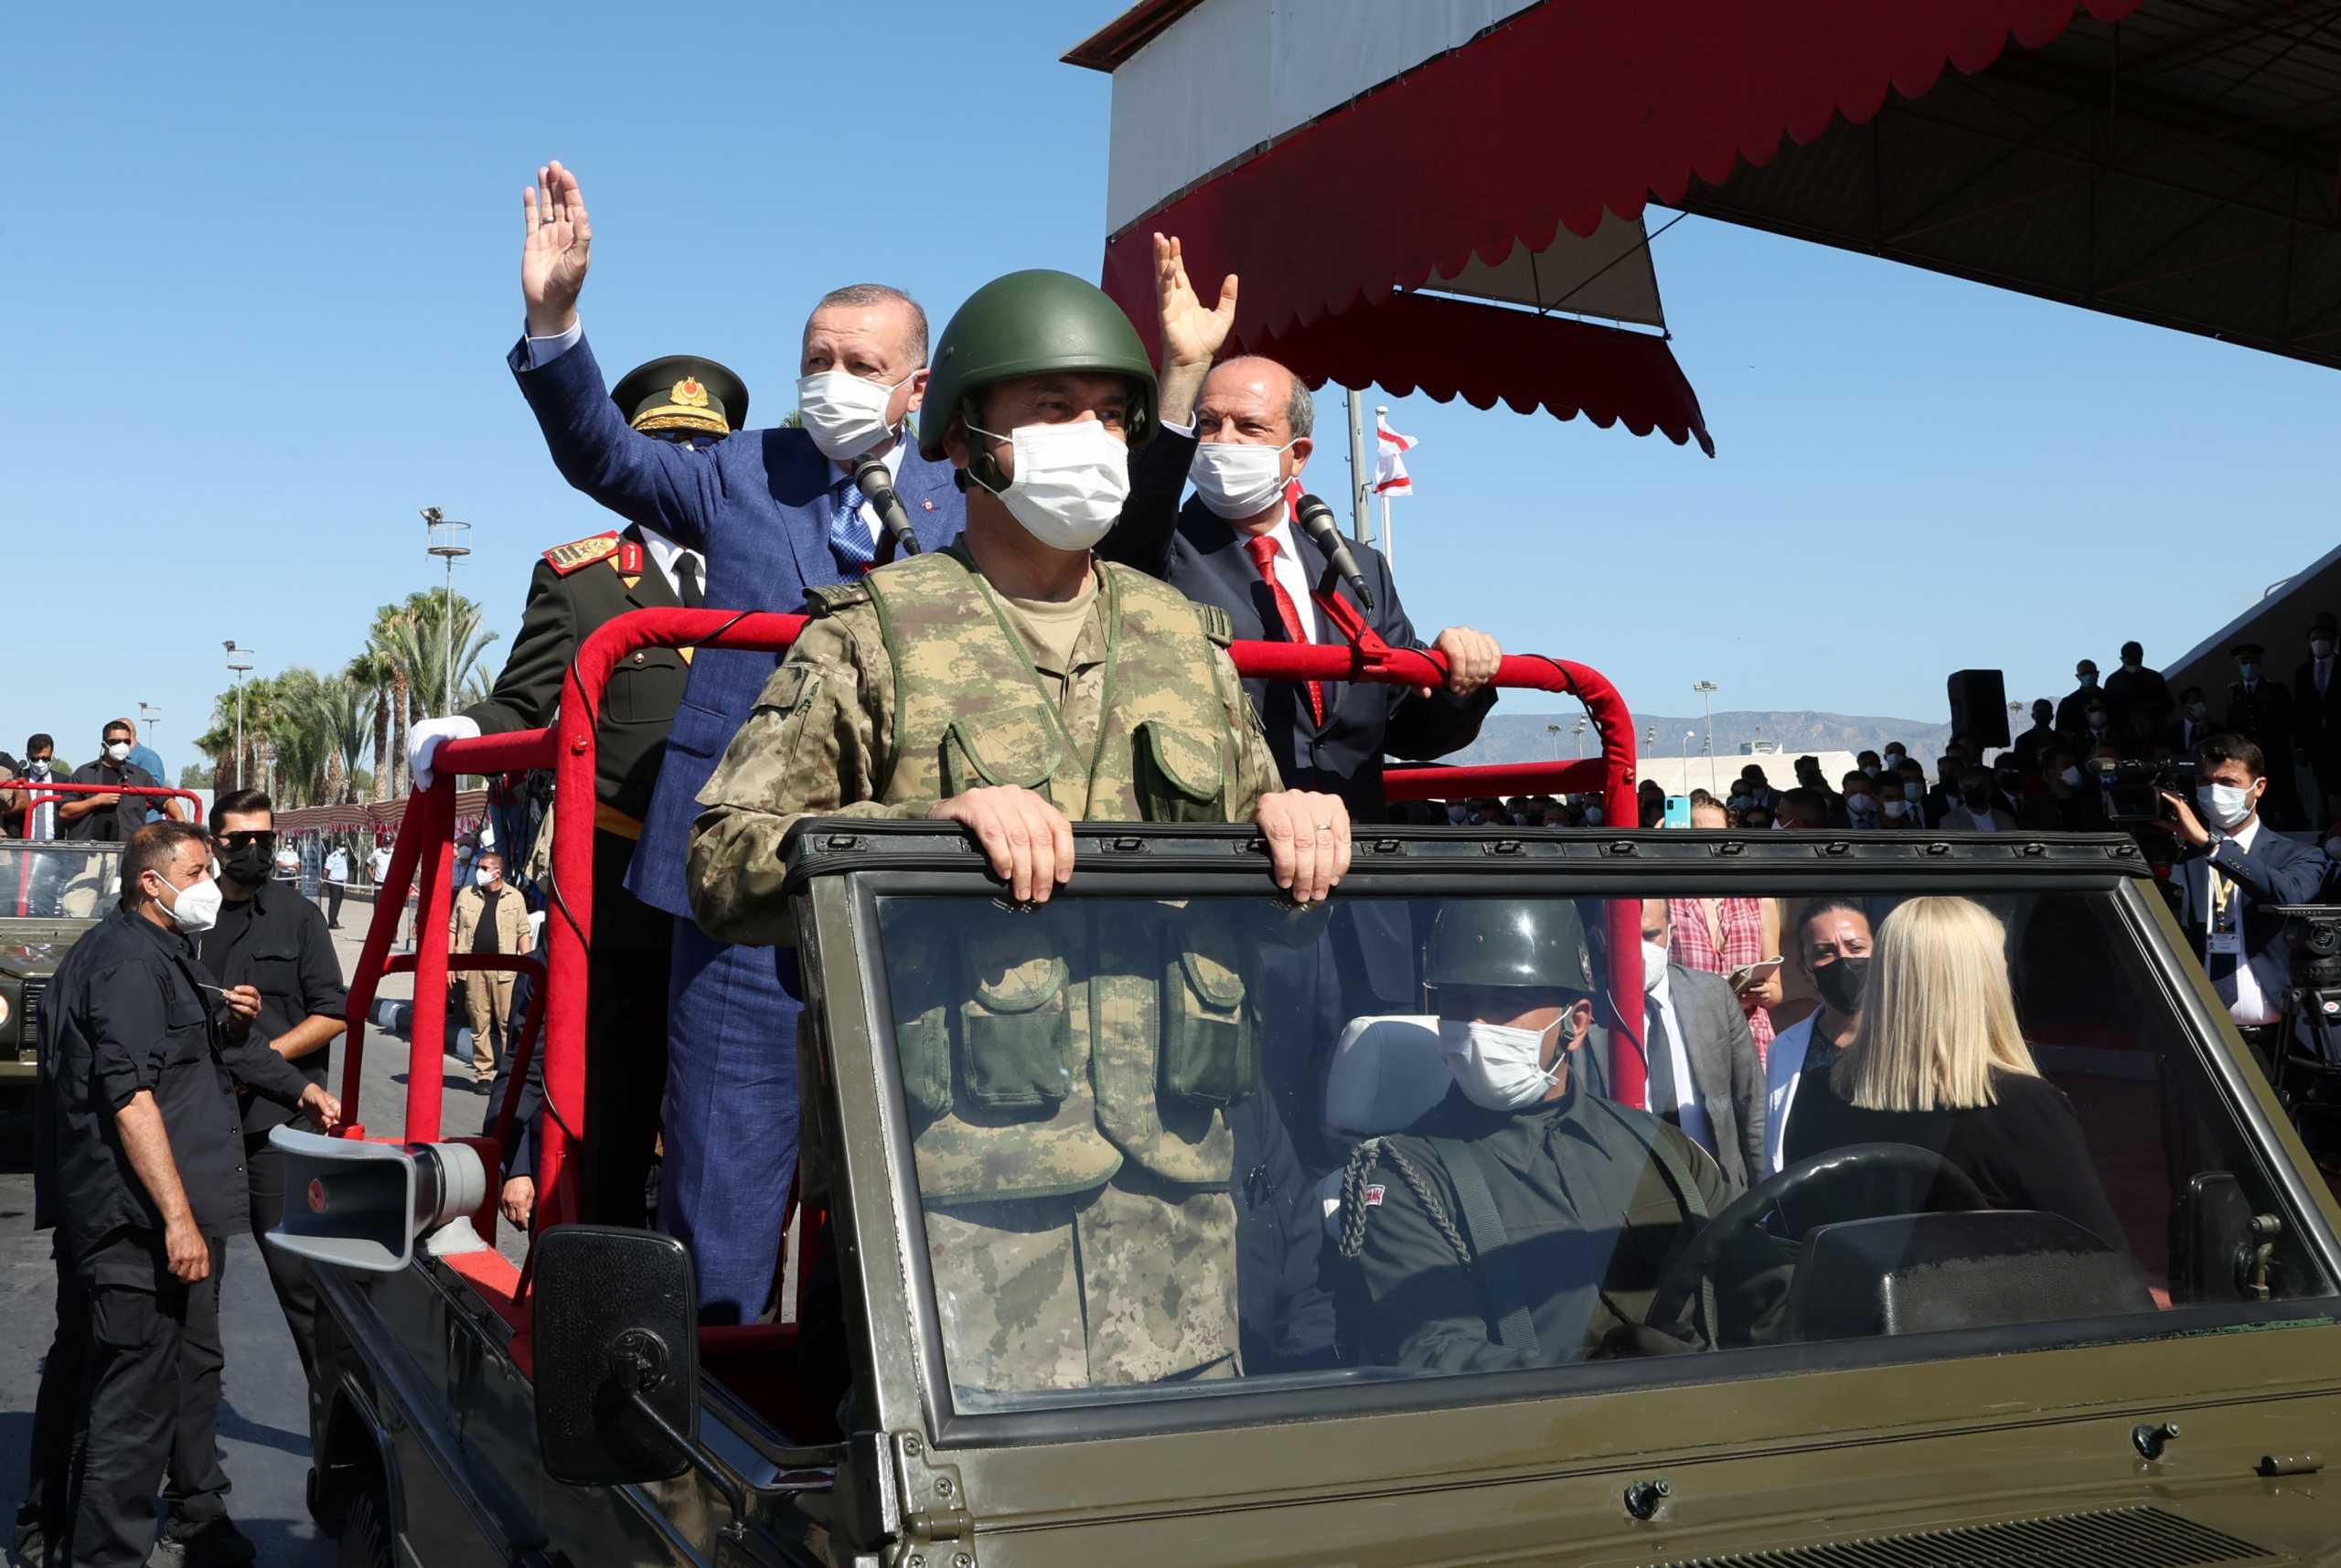 Τουρκία: Προς σύγκληση του Συμβουλίου Εξωτερικών Υποθέσεων της ΕΕ για Βαρώσια – Στο τραπέζι το θέμα των κυρώσεων